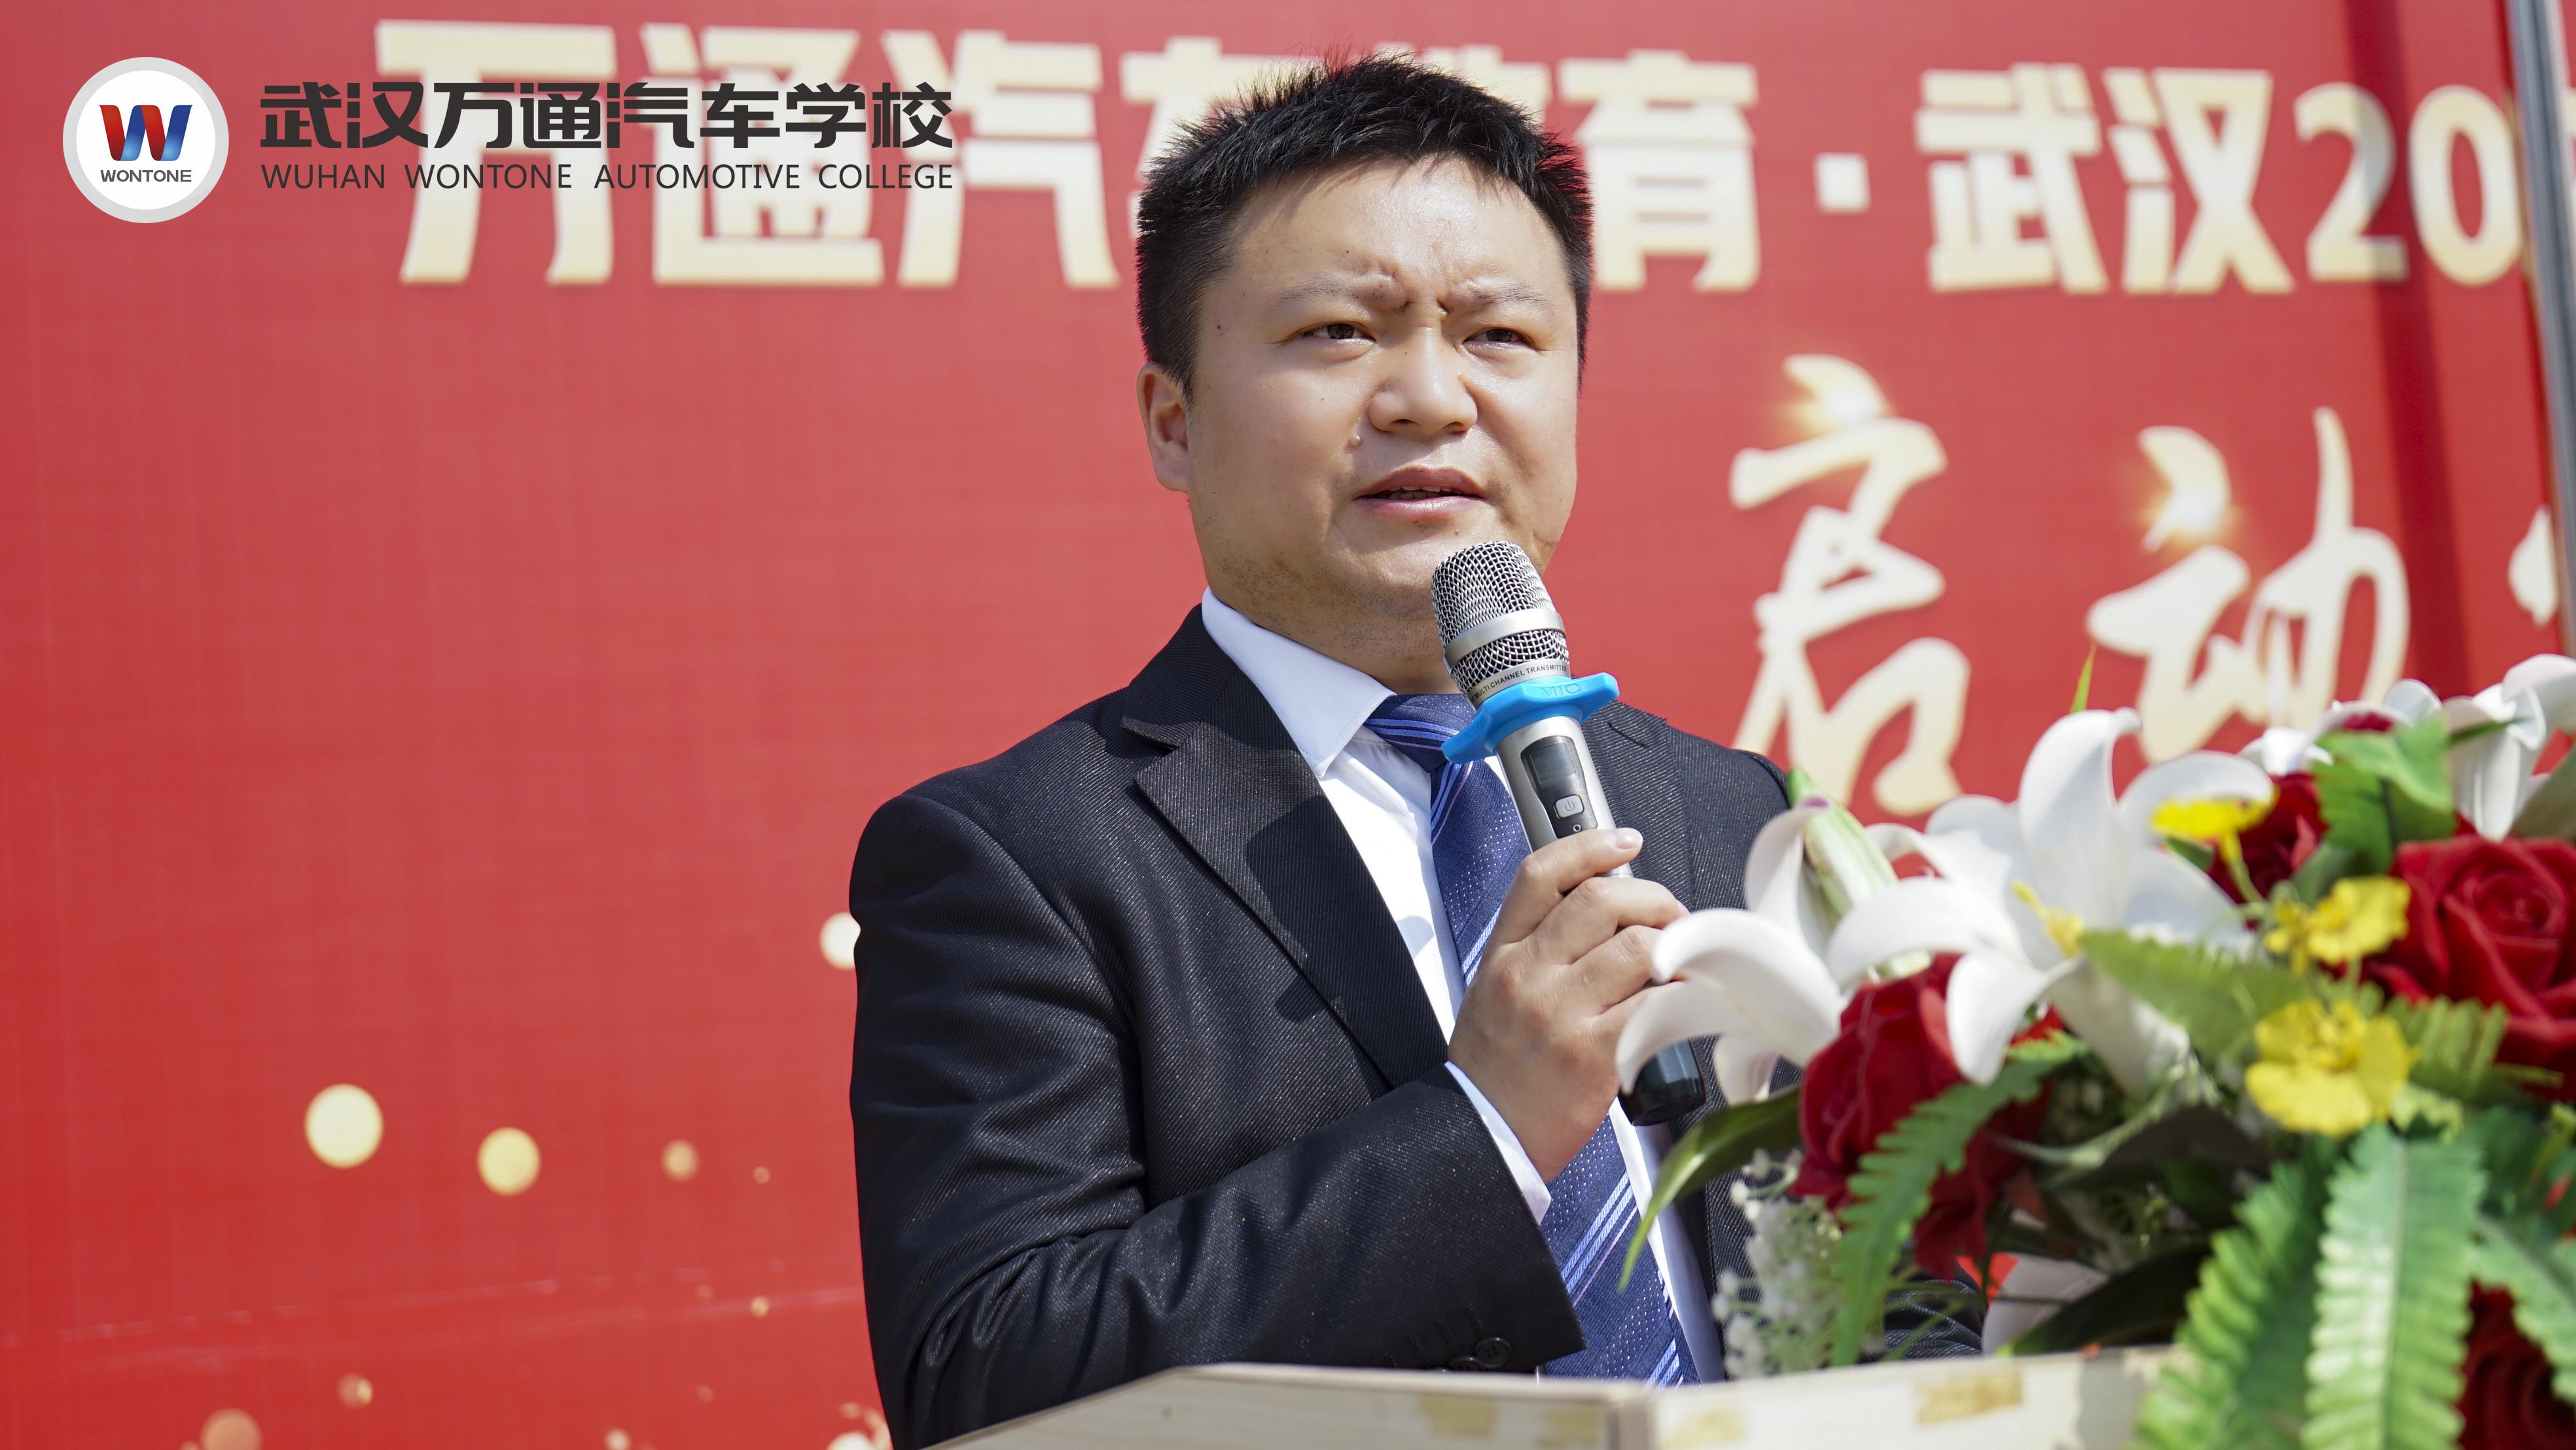 武汉万通2020年秋季教学质量季启动仪式圆满成功